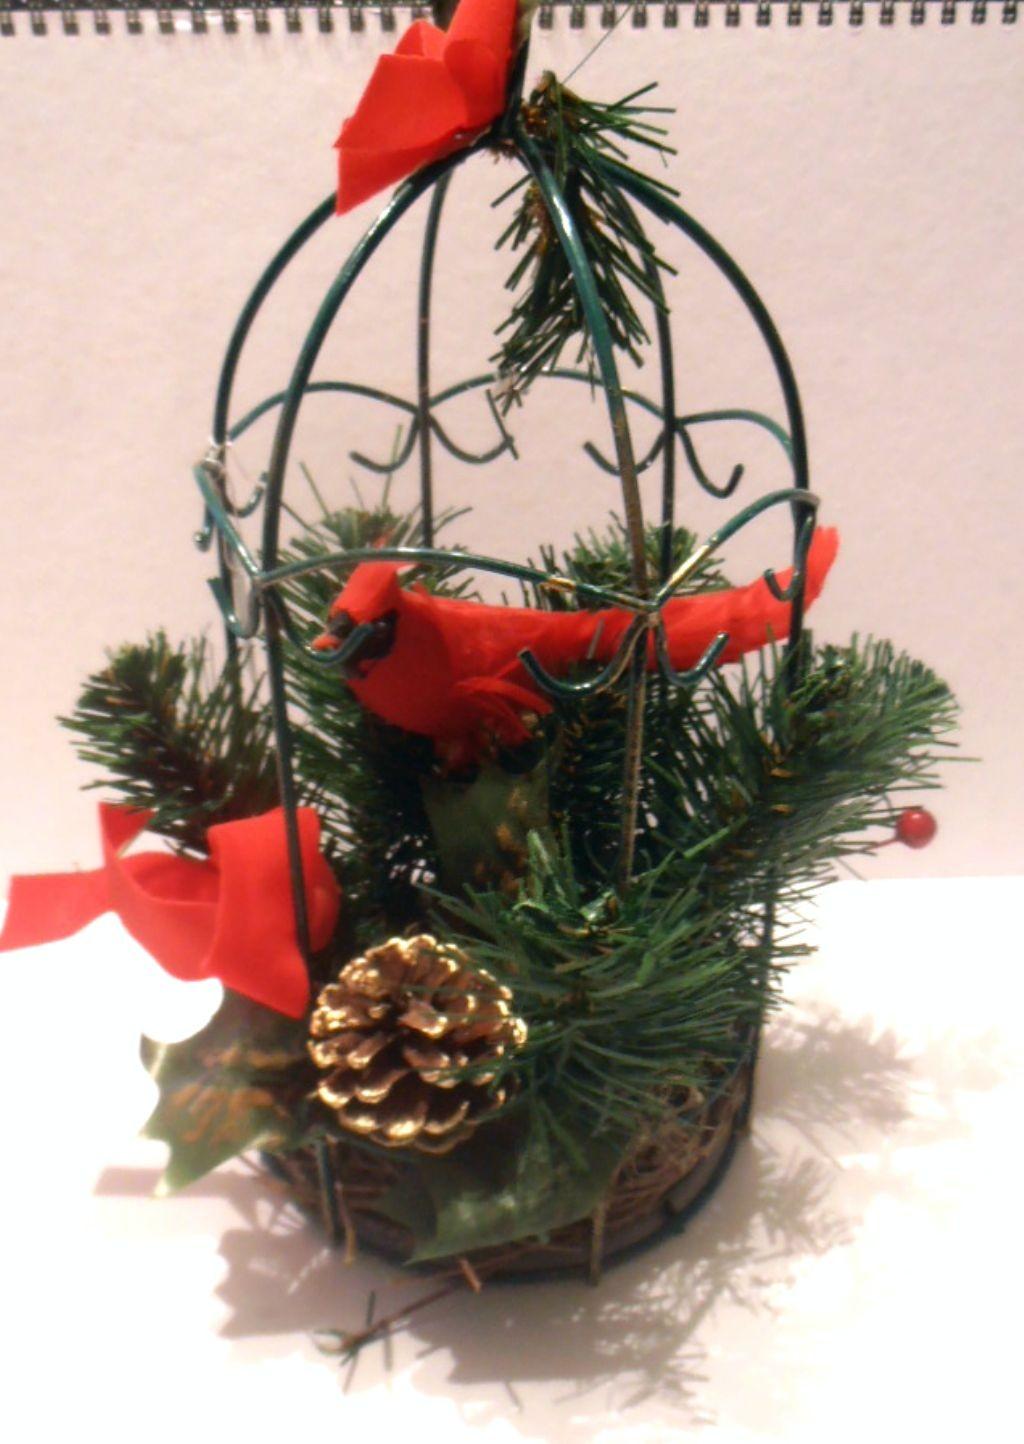 oiseau decoration noel DÉCORATION NOËL SAPIN CAGE OISEAU FER FORGE DECO CHEMINÉE TABLE NEUVE oiseau decoration noel